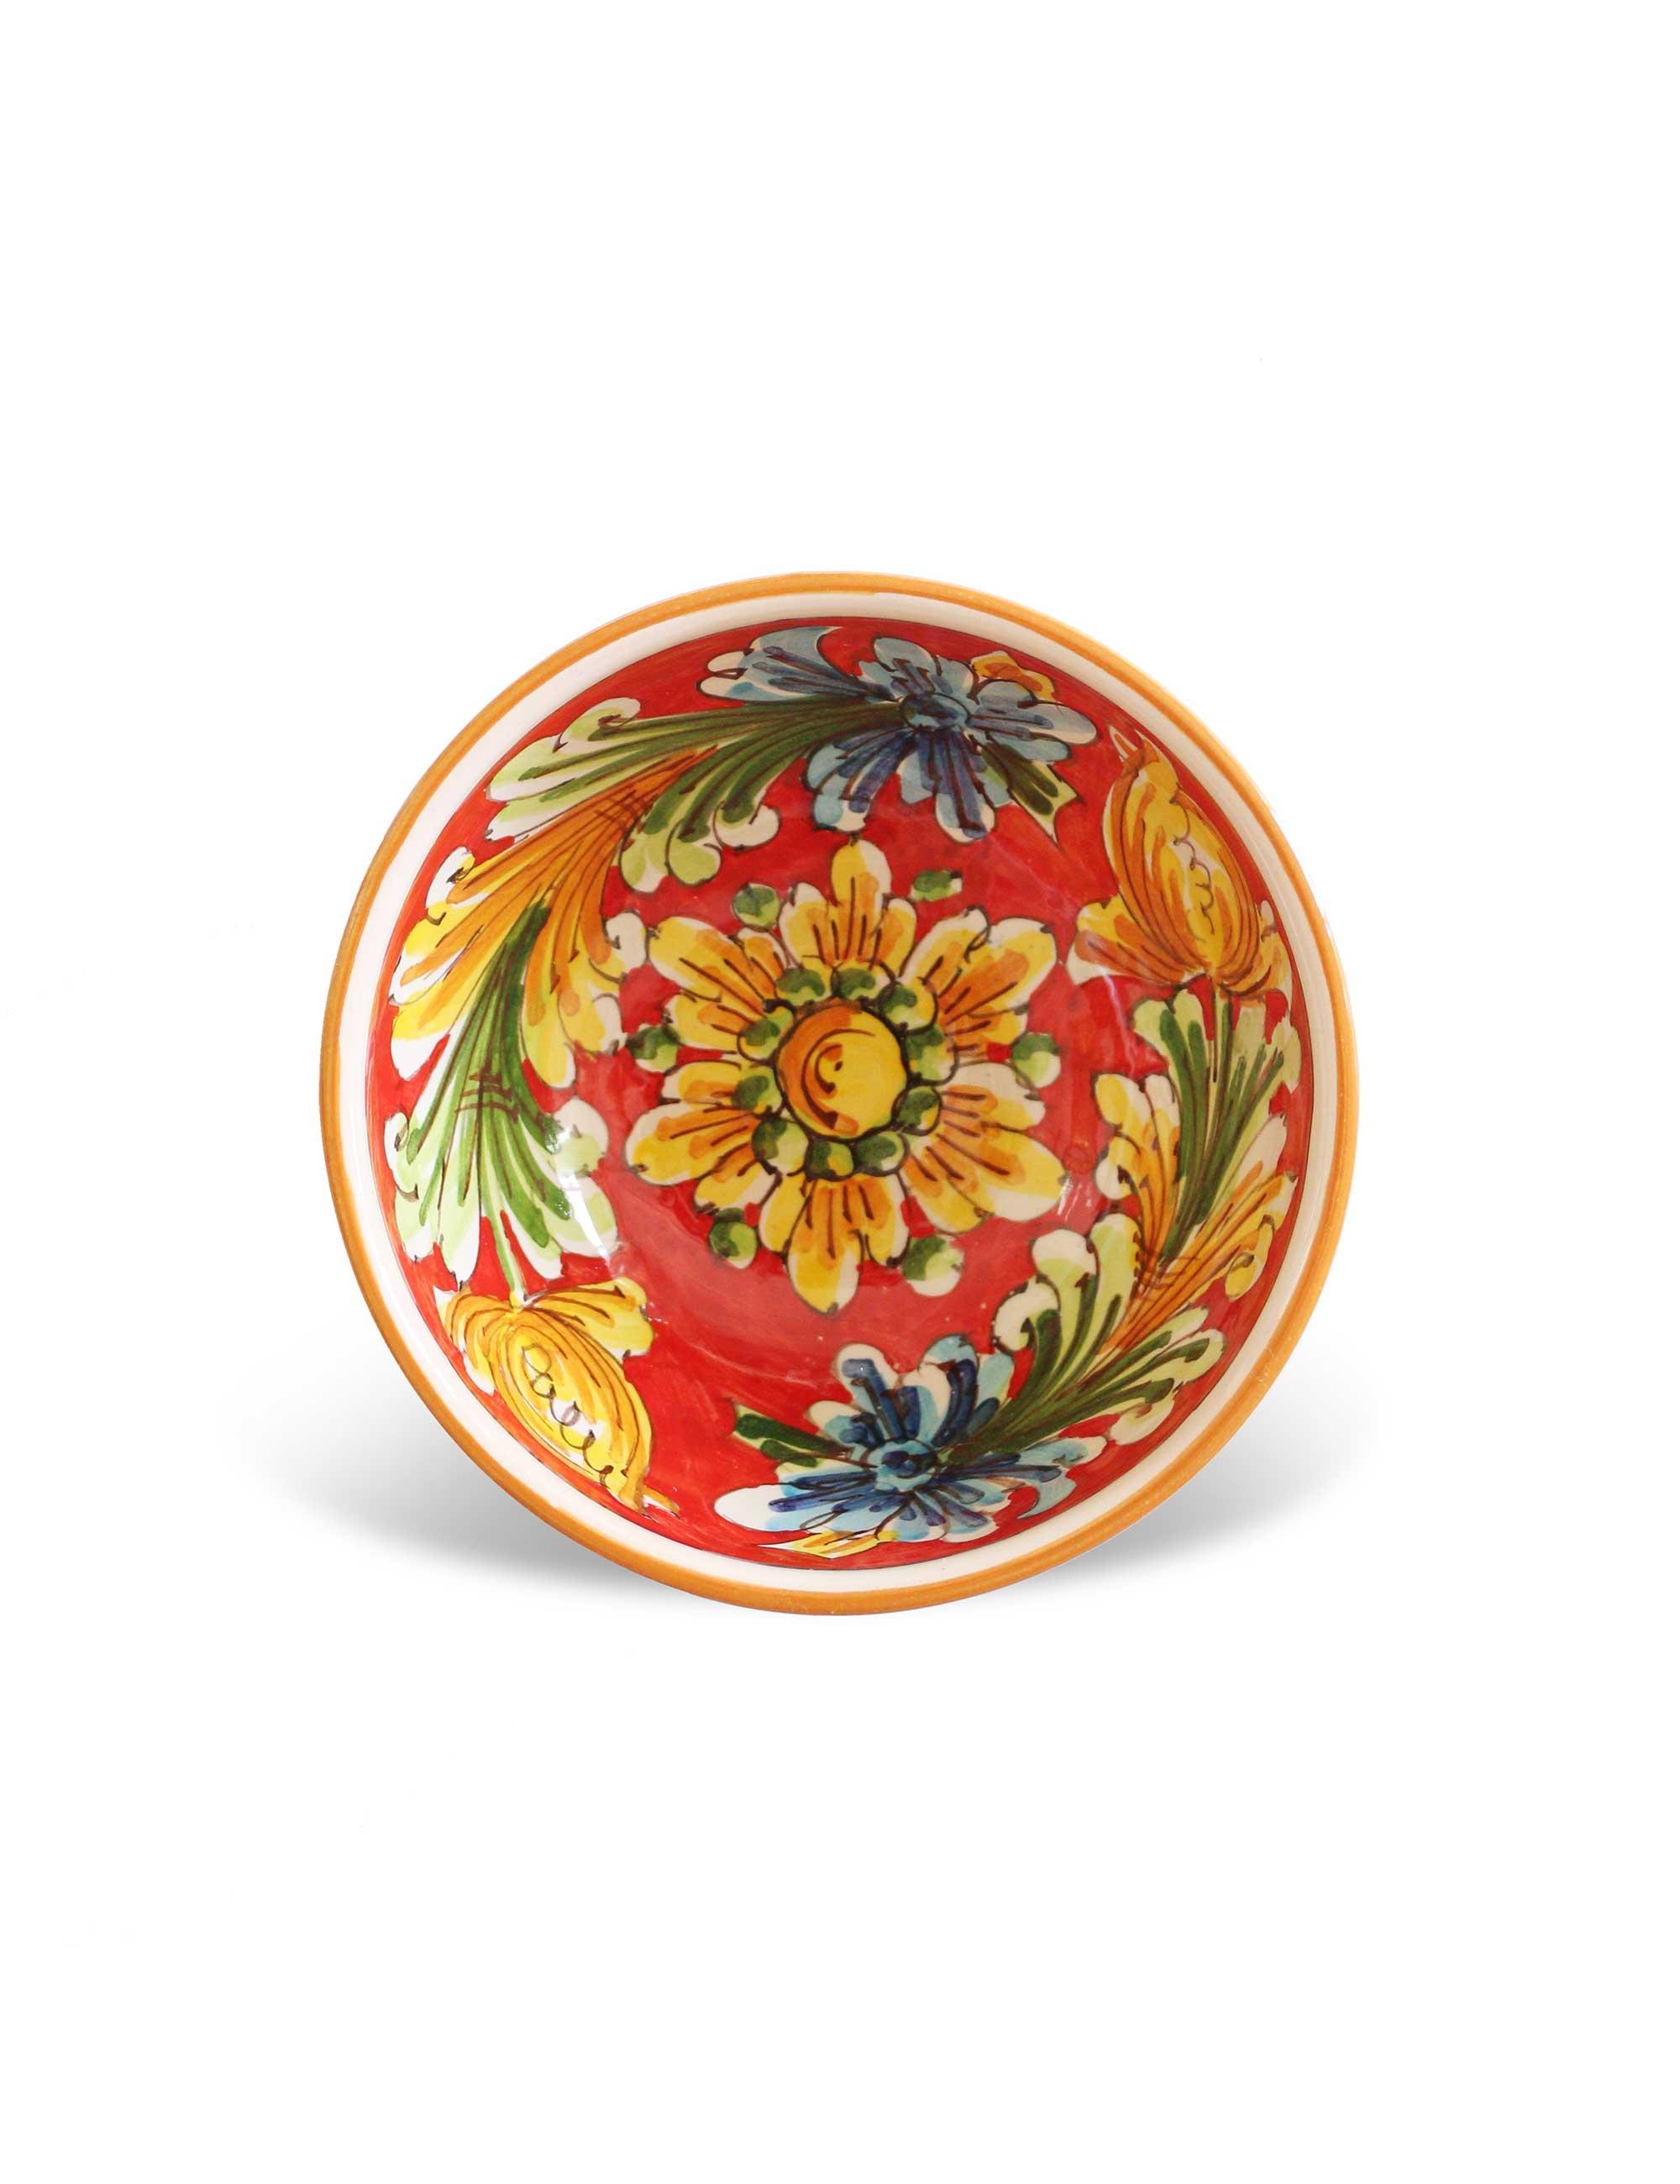 Coppa ceramica caltagirone-Lampione